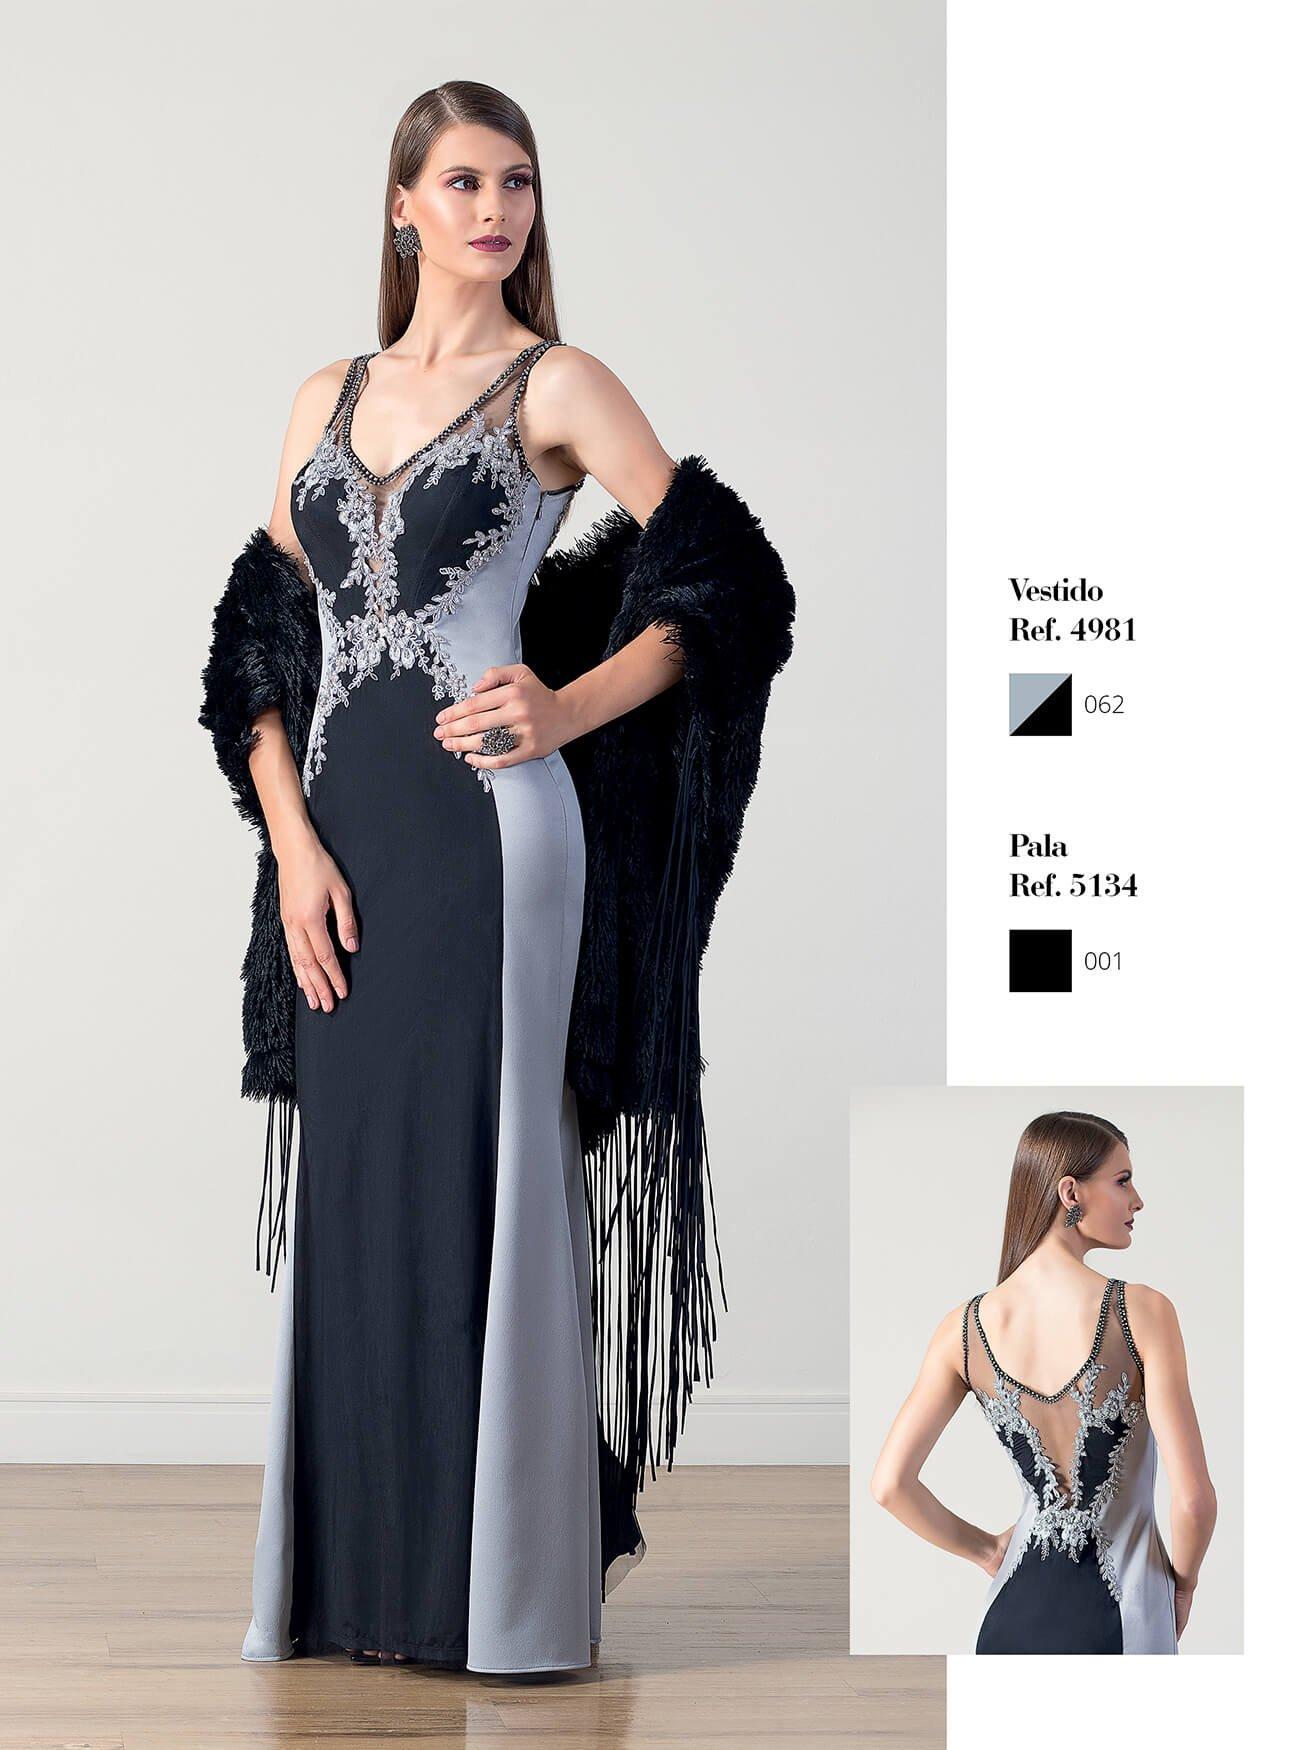 Vestido longo com recortes | Echarpe em pele com franjas